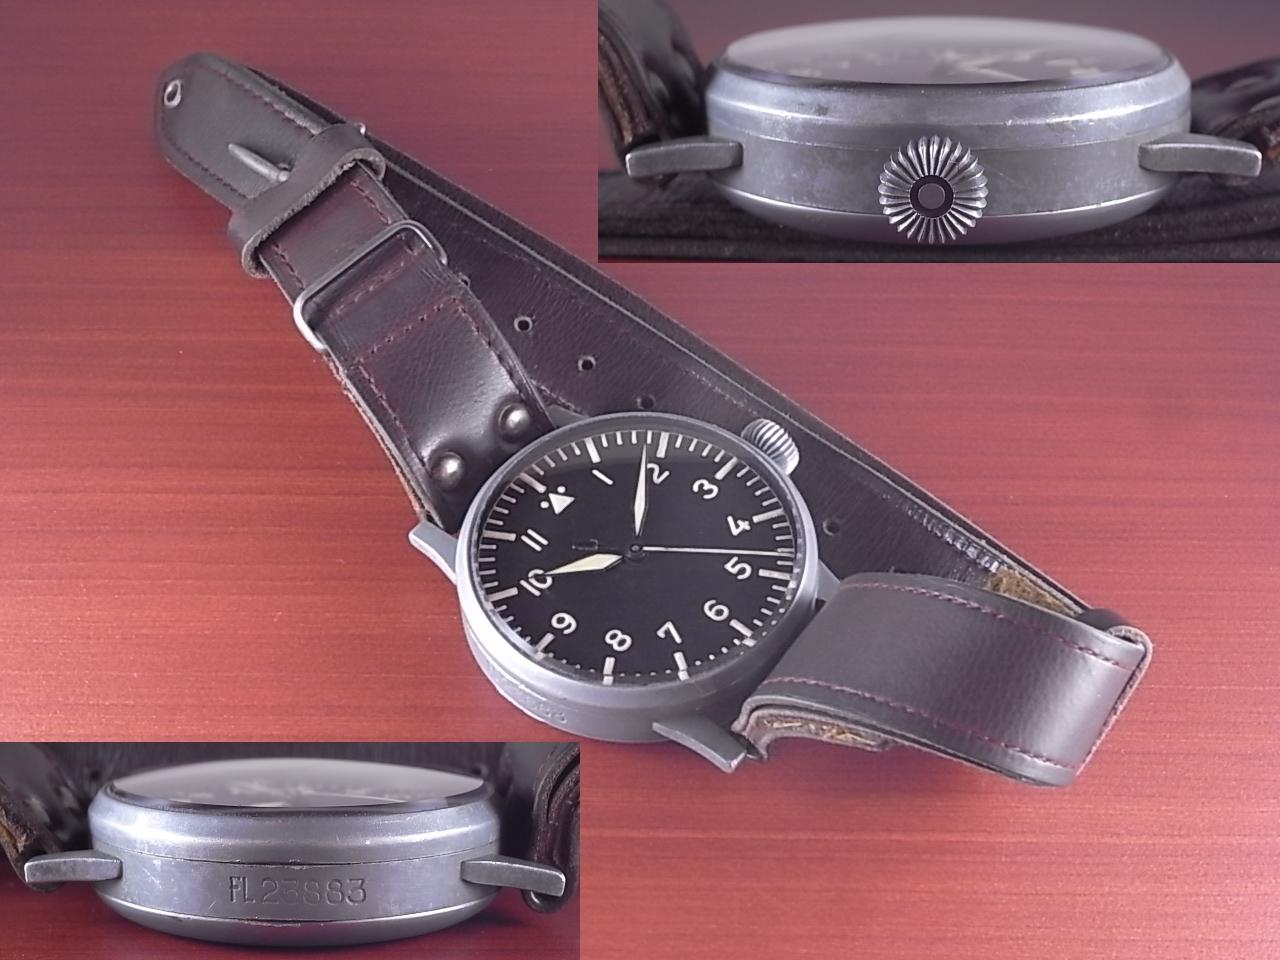 ラコ ドイツ空軍 Bウォッチ タイプA 偵察機用時計 第二次世界大戦 1940年代の写真3枚目